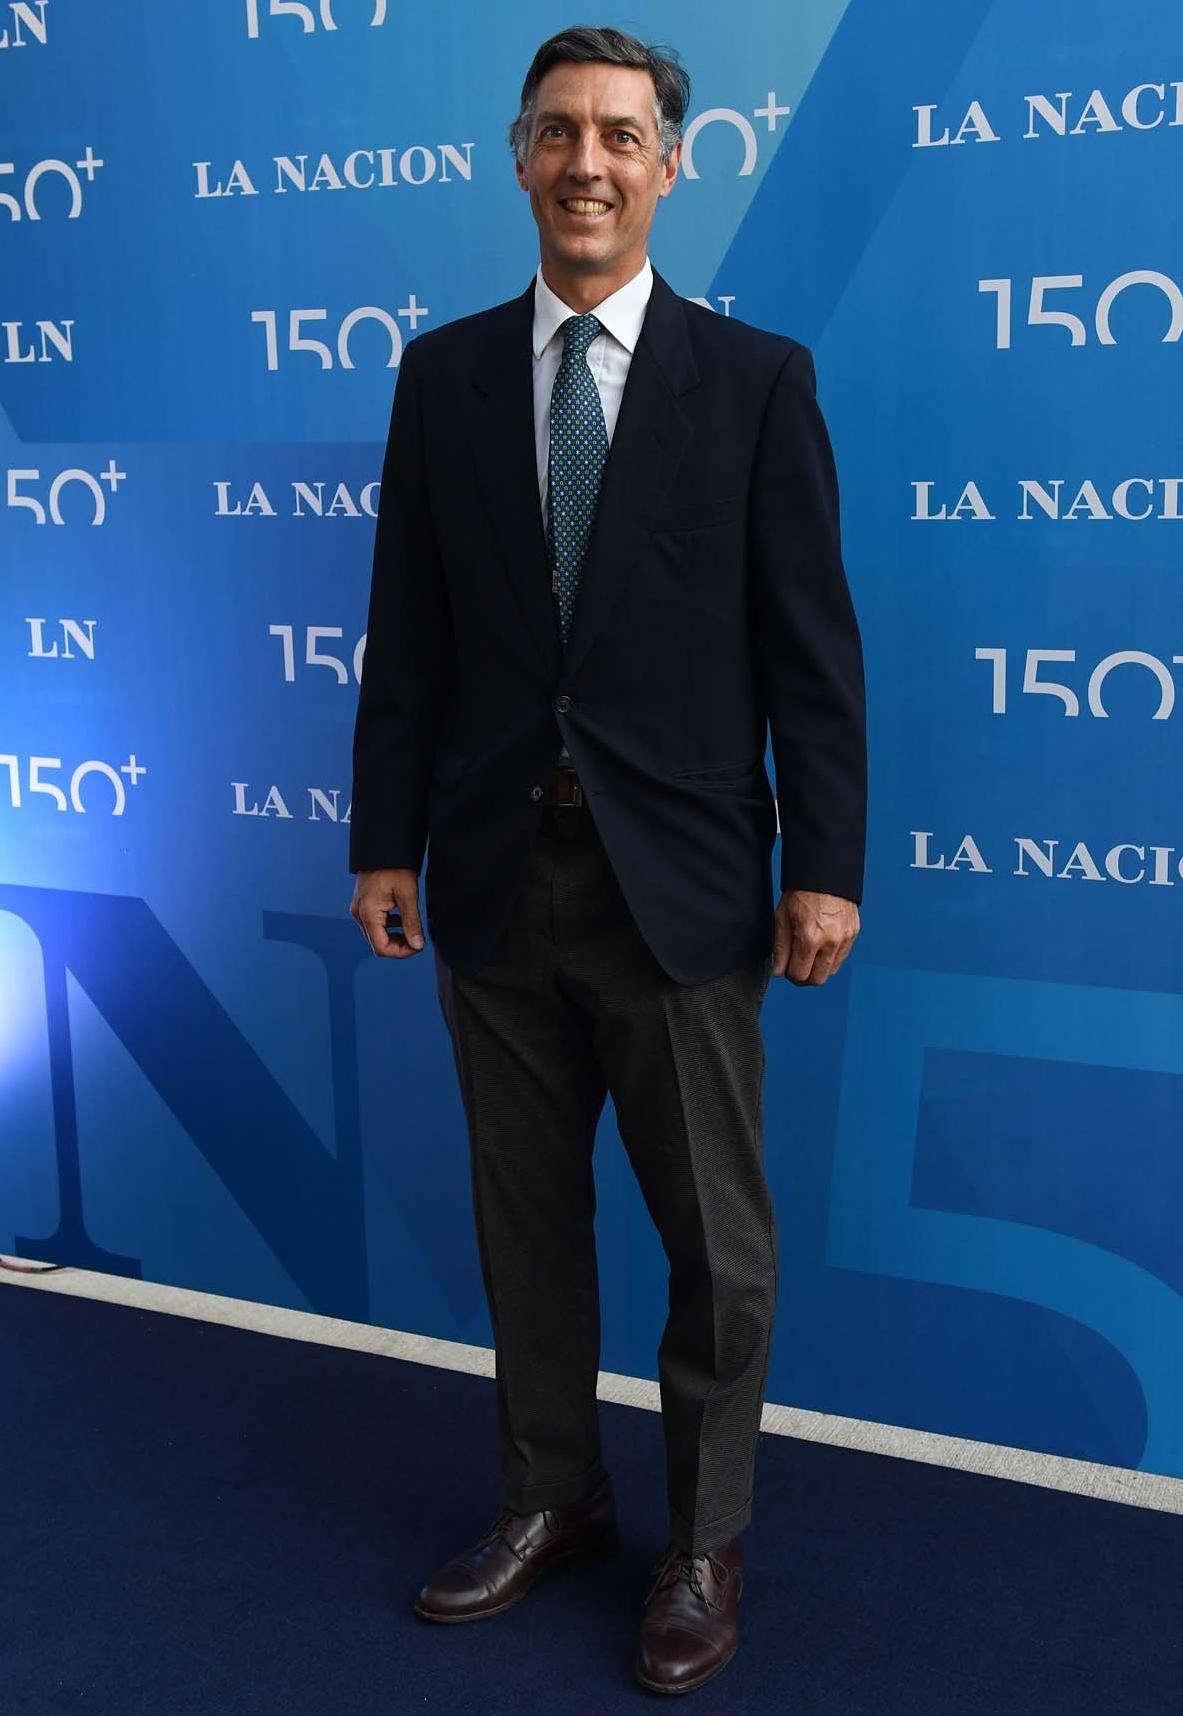 Facundo Gómez Minujín